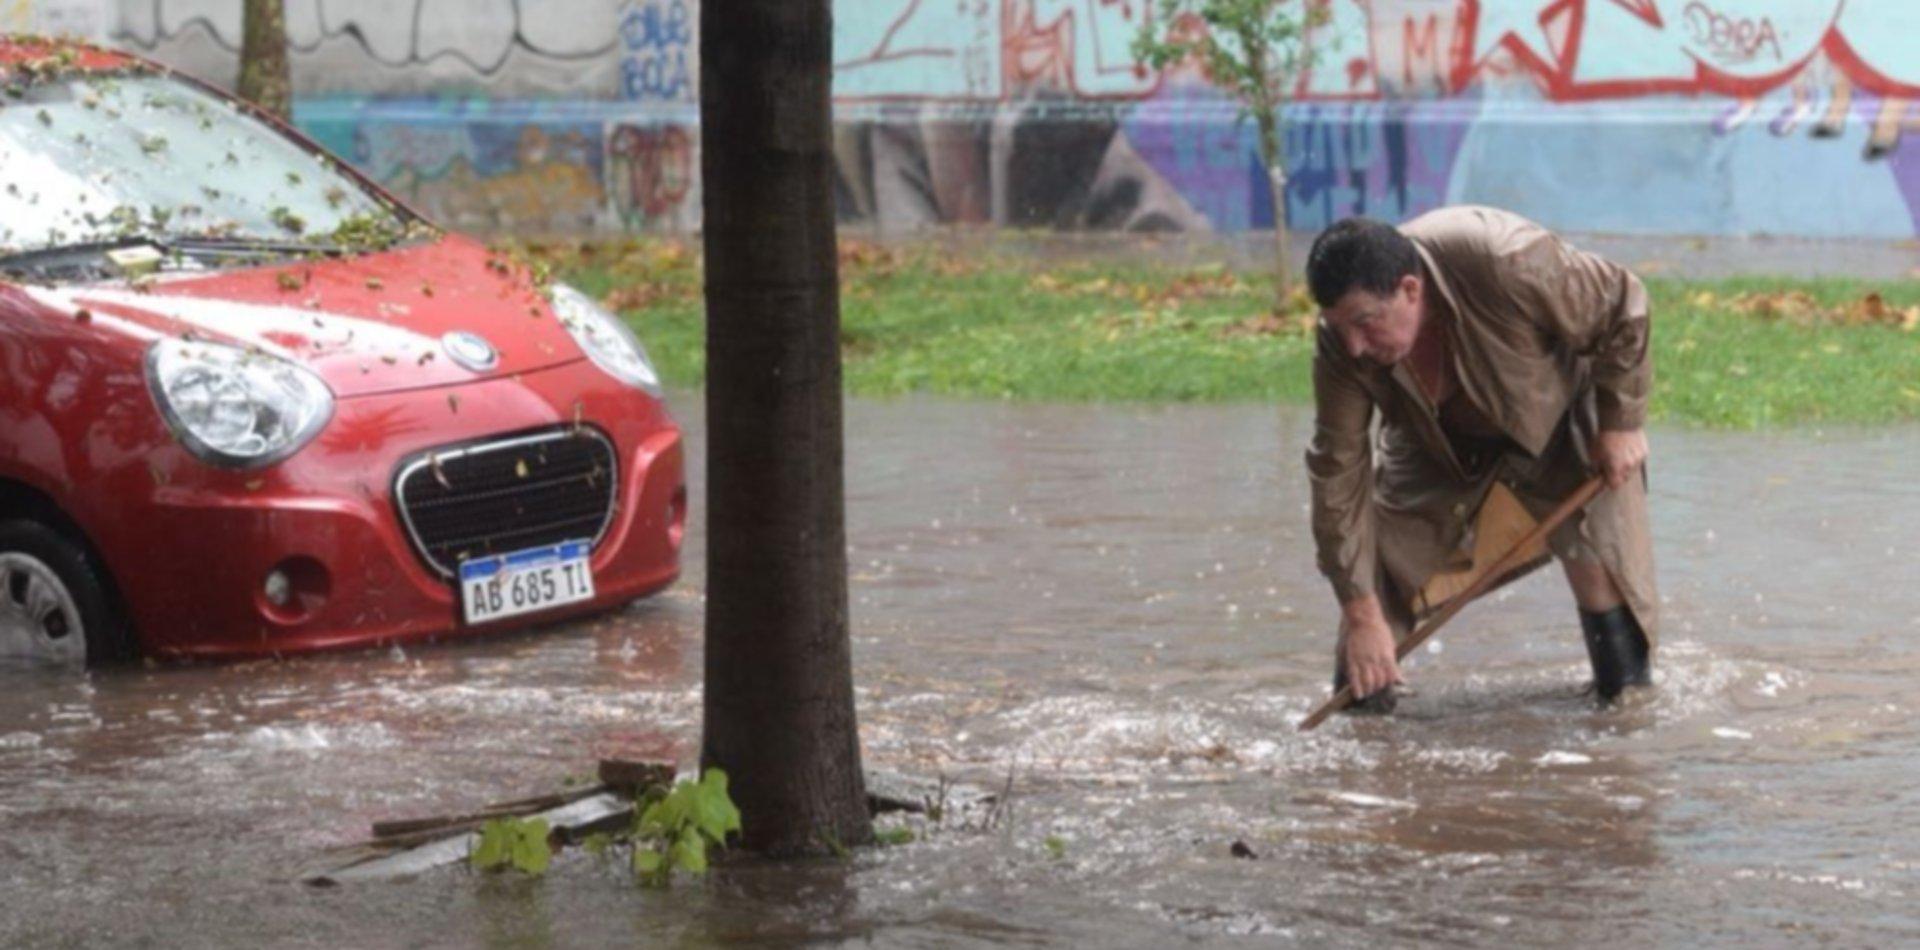 Continúa la colecta de la UNLP para ayudar a los damnificados por el temporal en La Plata